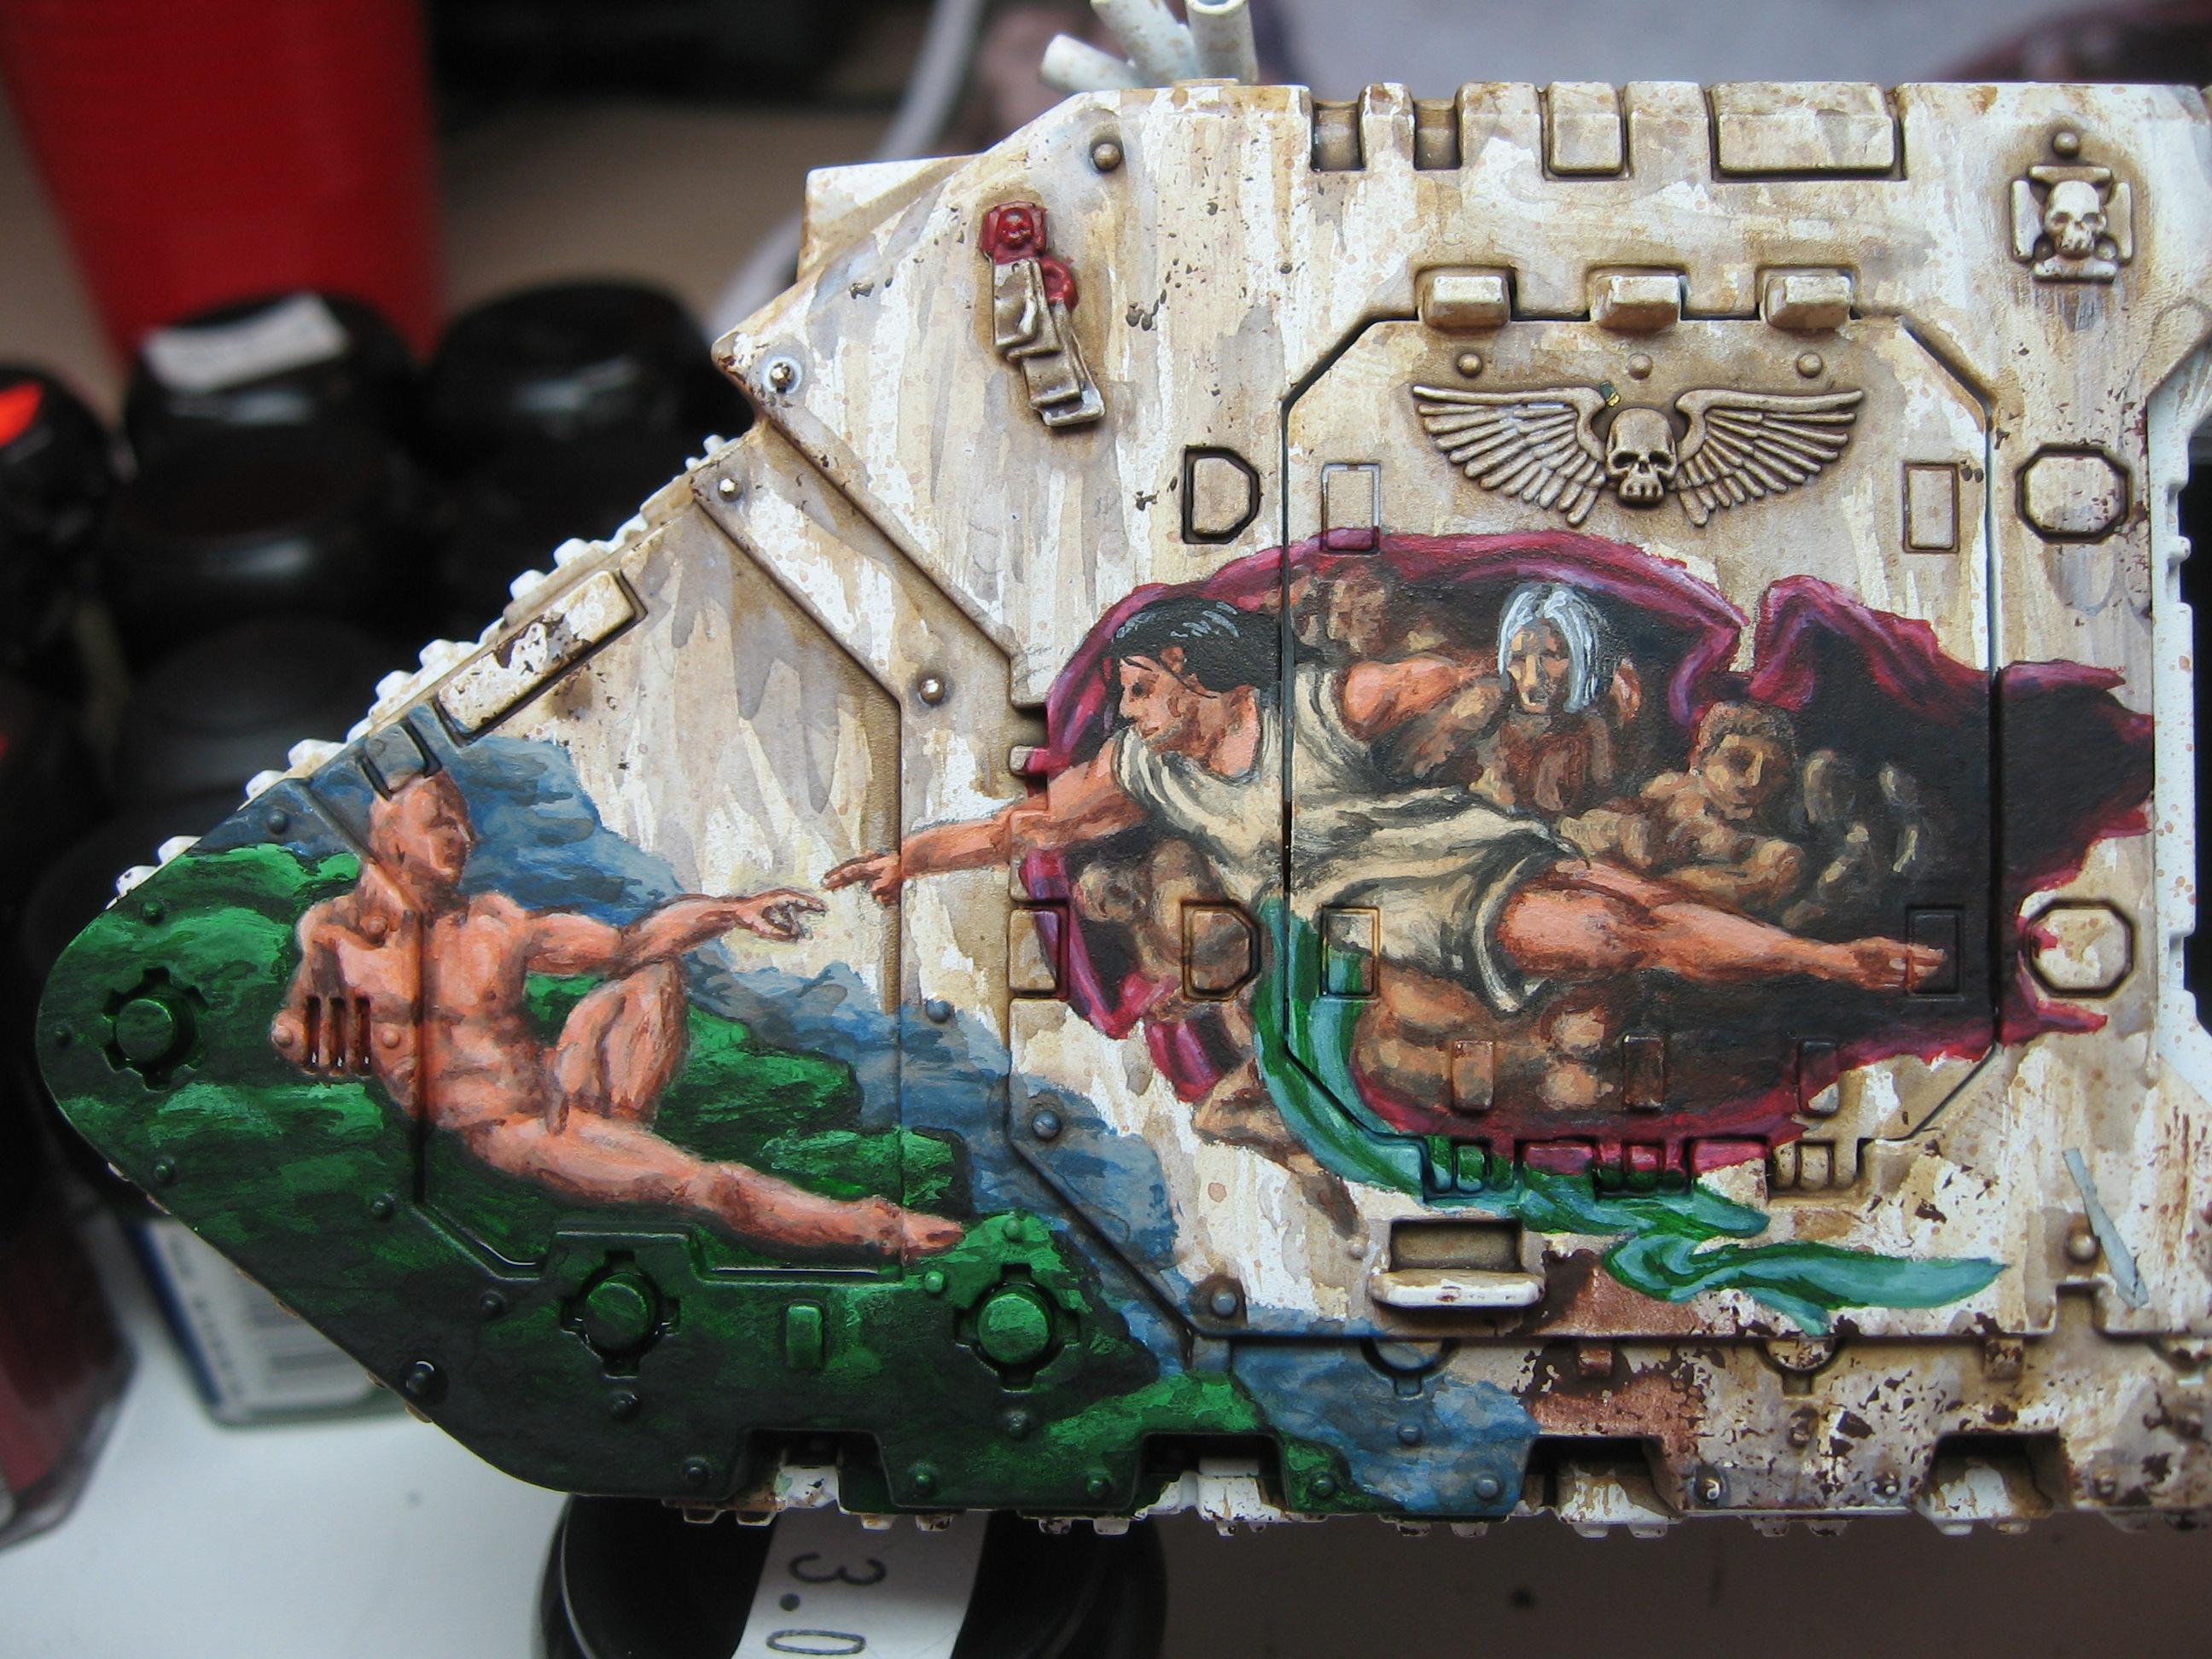 Artwork, Freehand, Land Raider, Space Marines, Warhammer 40,000